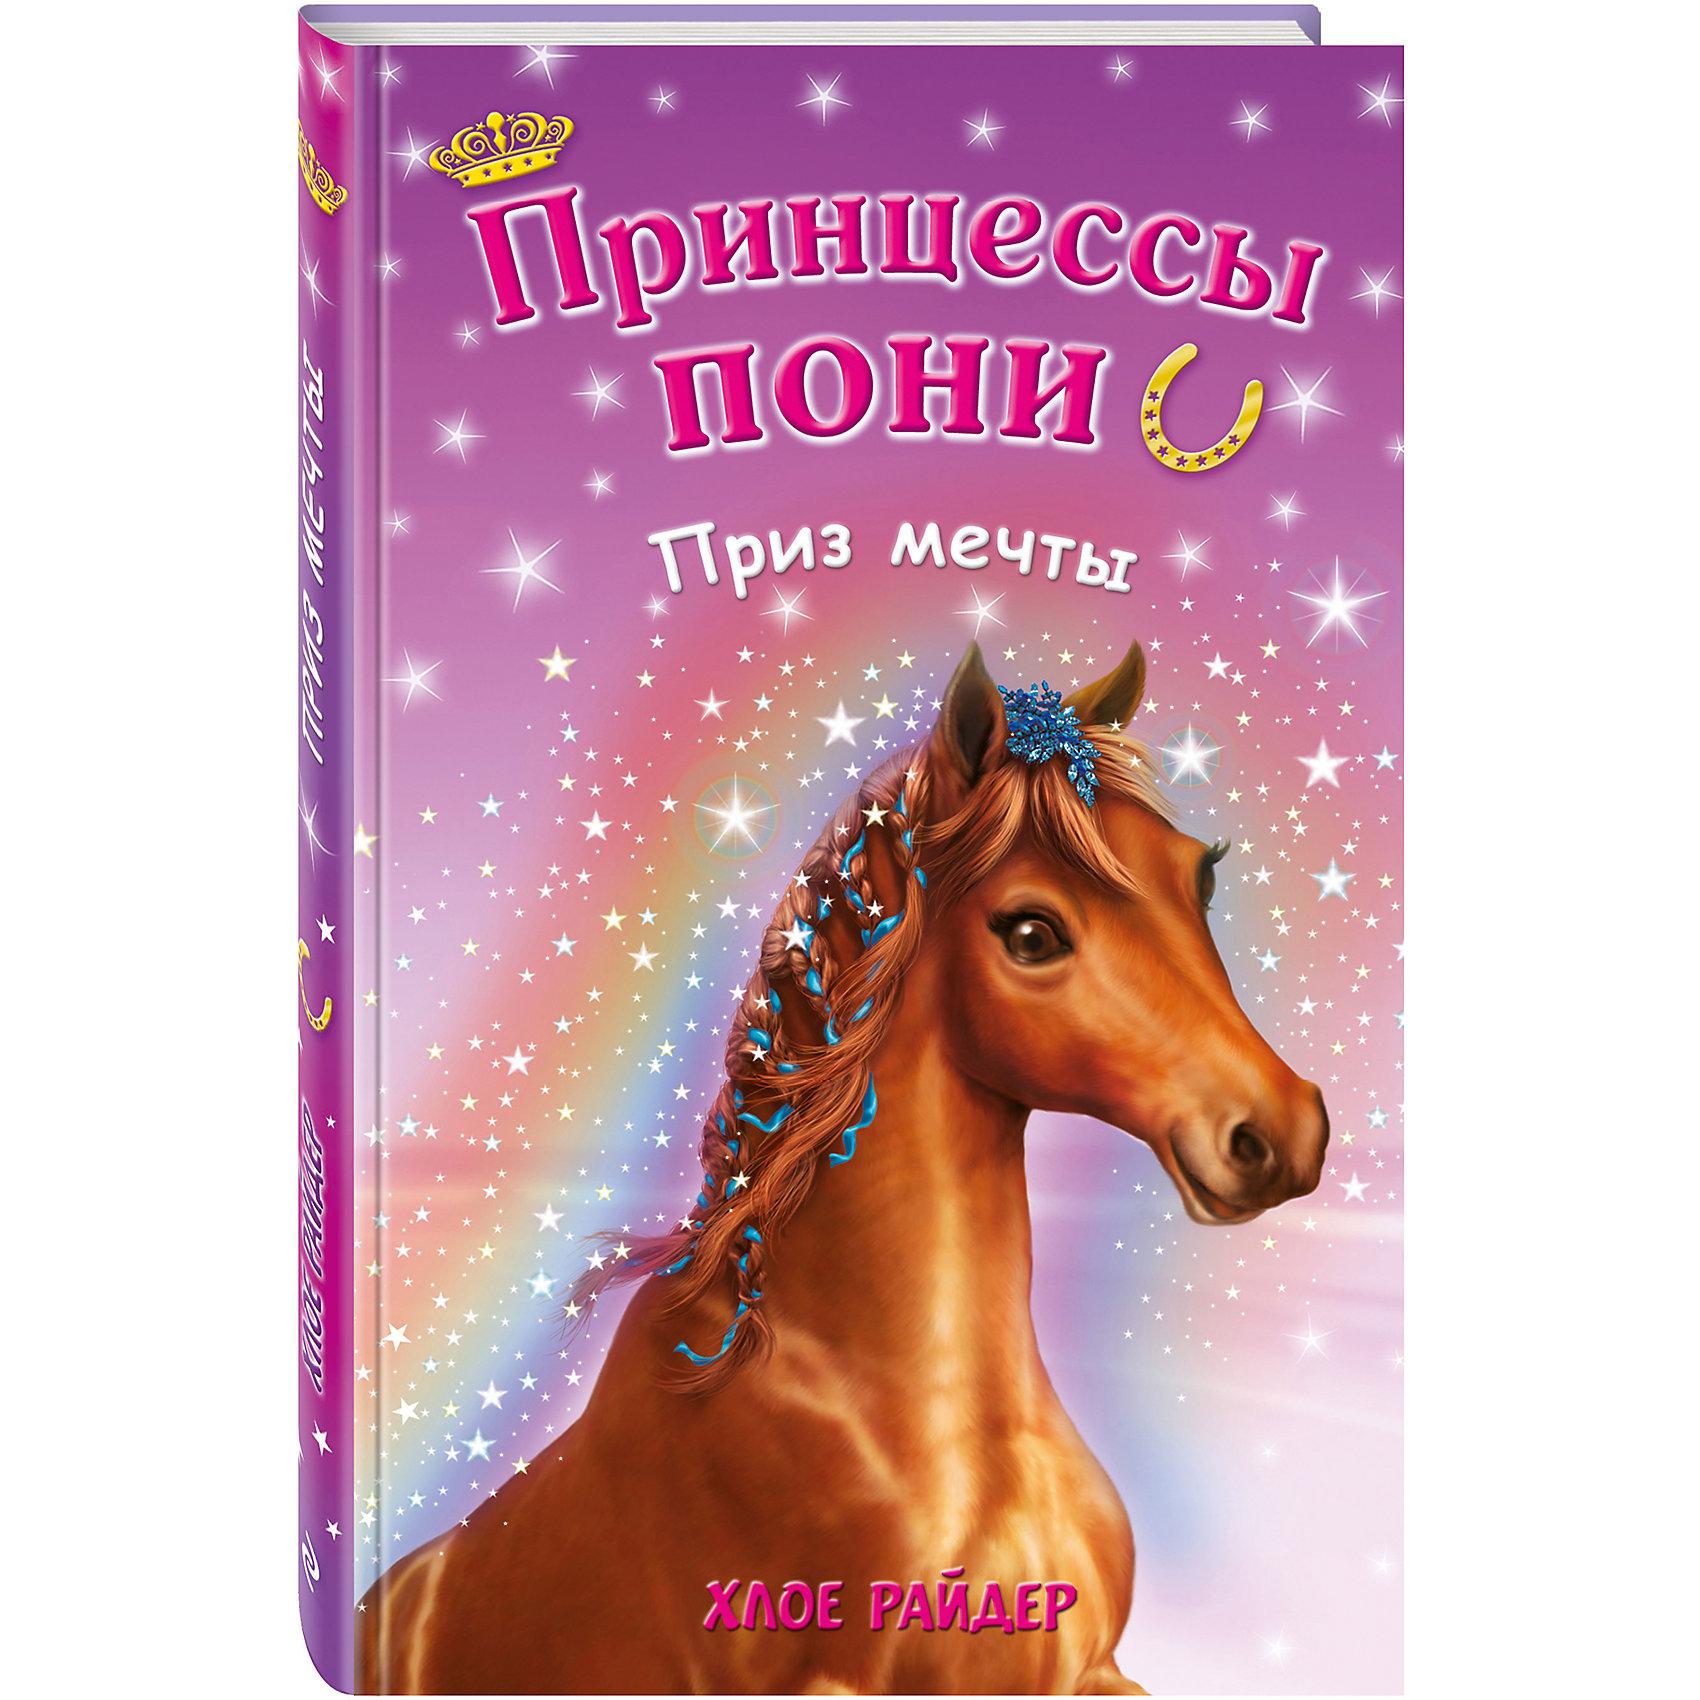 Приз мечтыРассказы и повести<br>Привет! Меня зовут Пиппа, и я люблю лошадей. Я просила маму купить мне пони, но оказалось, что это невозможно. Зато теперь я познакомилась с самыми настоящими волшебными пони и меня ждут удивительные приключения!<br><br>Моей лучшей подругой стала настоящая принцесса, только подумайте! Правда, она не человек, а пони. Вместе мы должны во что бы то ни стало разыскать пропавшие золотые подковы, а еще поучаствовать в Королевских спортивных играх!<br><br>Ширина мм: 260<br>Глубина мм: 210<br>Высота мм: 10<br>Вес г: 241<br>Возраст от месяцев: 72<br>Возраст до месяцев: 144<br>Пол: Унисекс<br>Возраст: Детский<br>SKU: 6878118